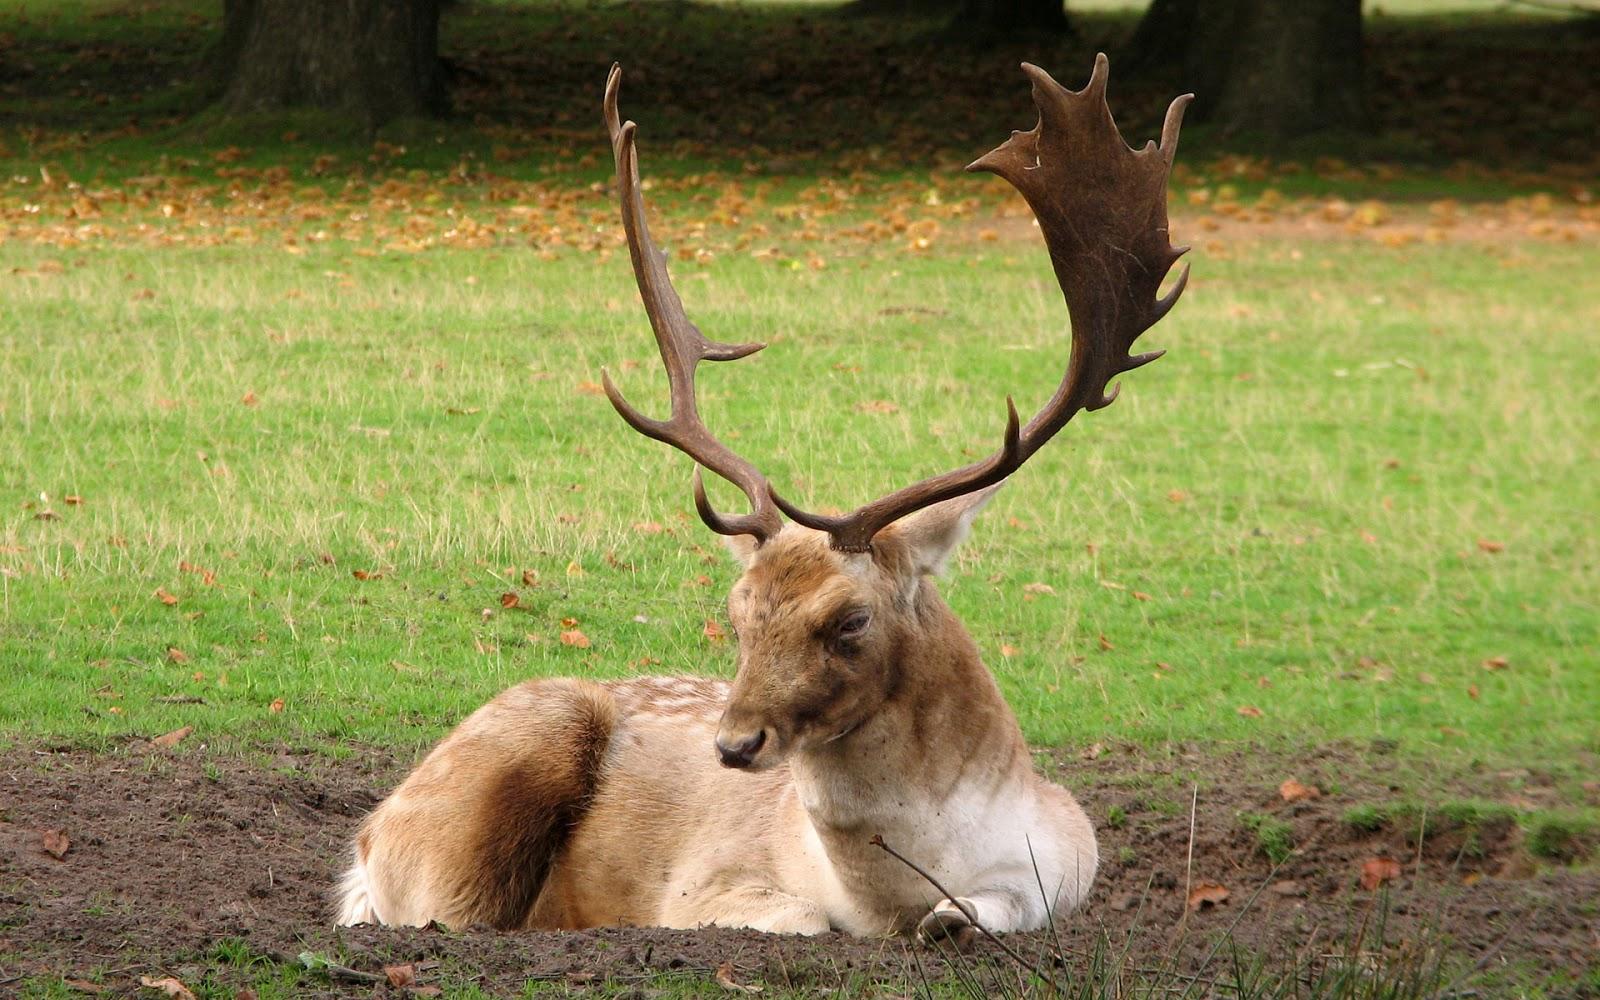 HD Wallpaper: Deer hd wallpapers